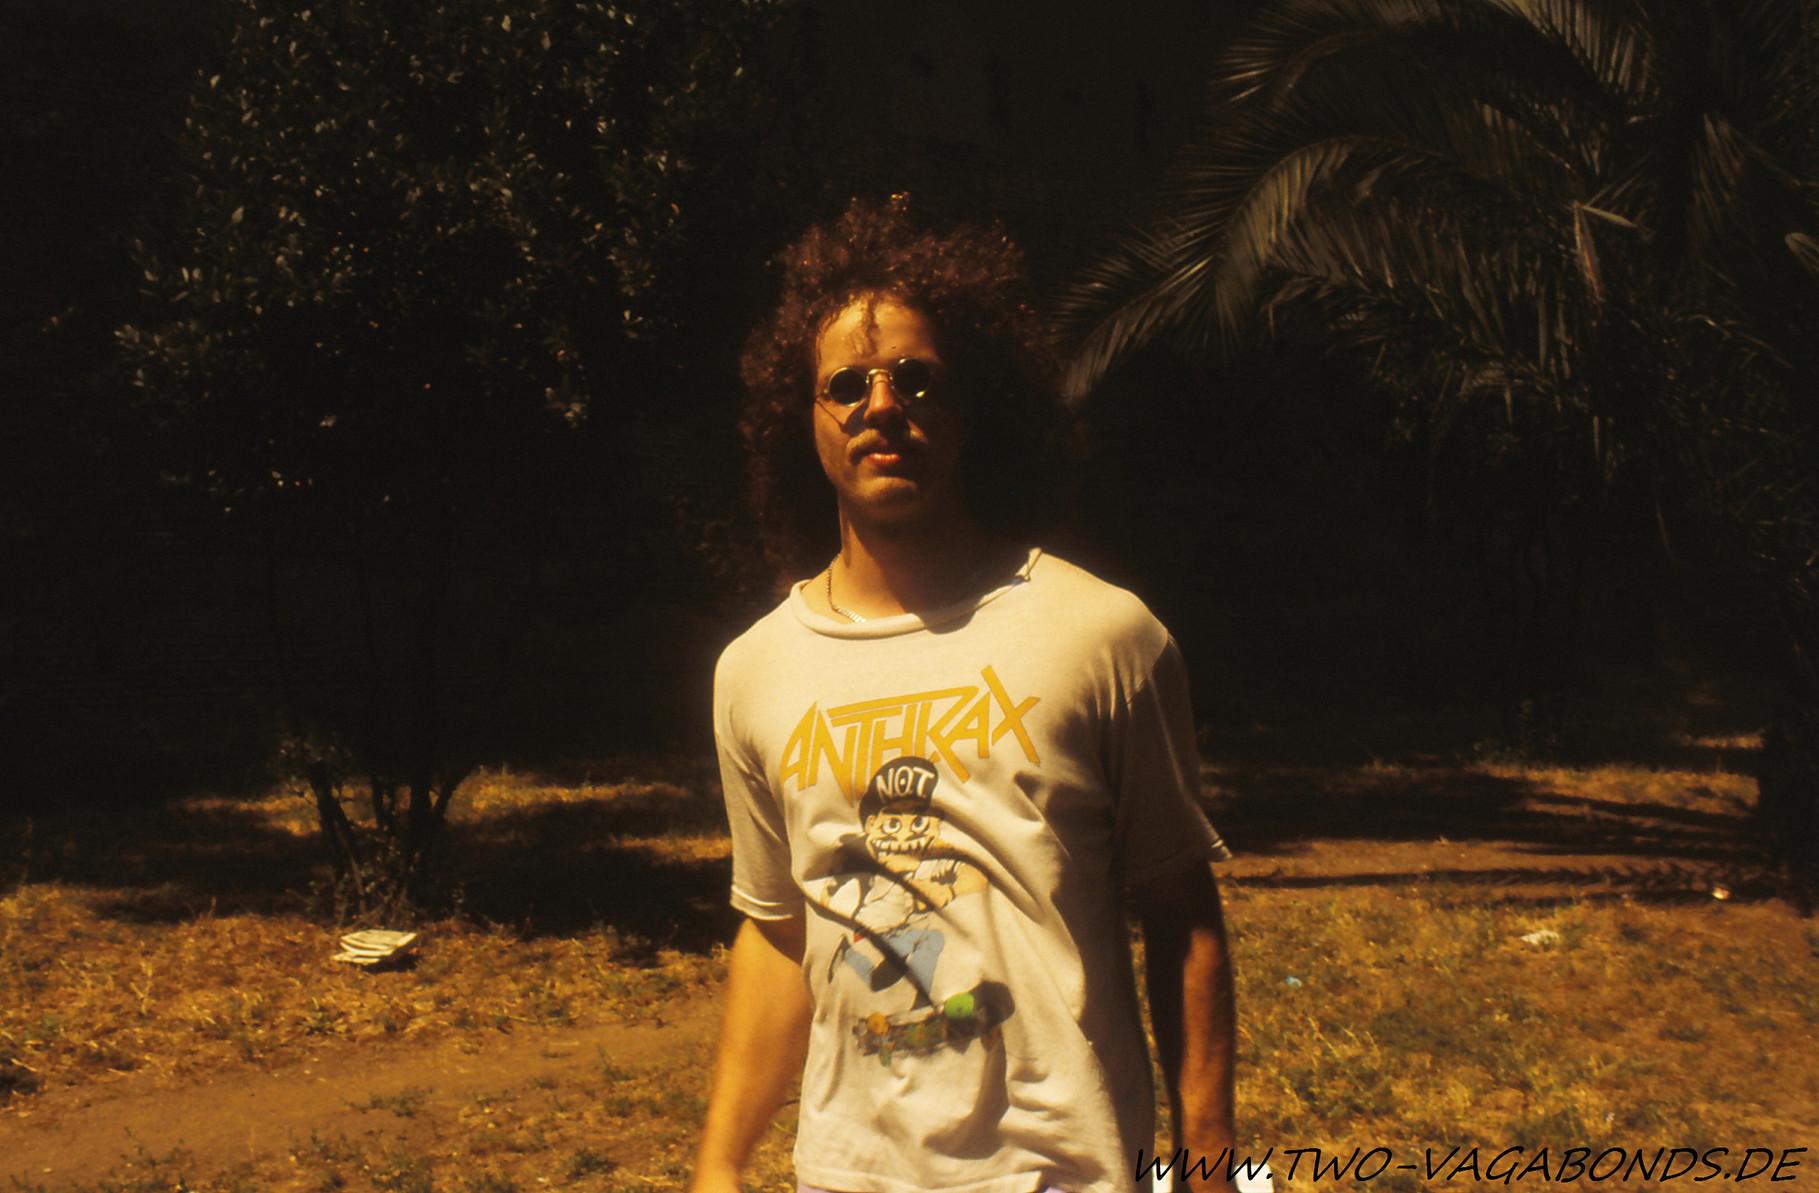 ITALIEN 1995